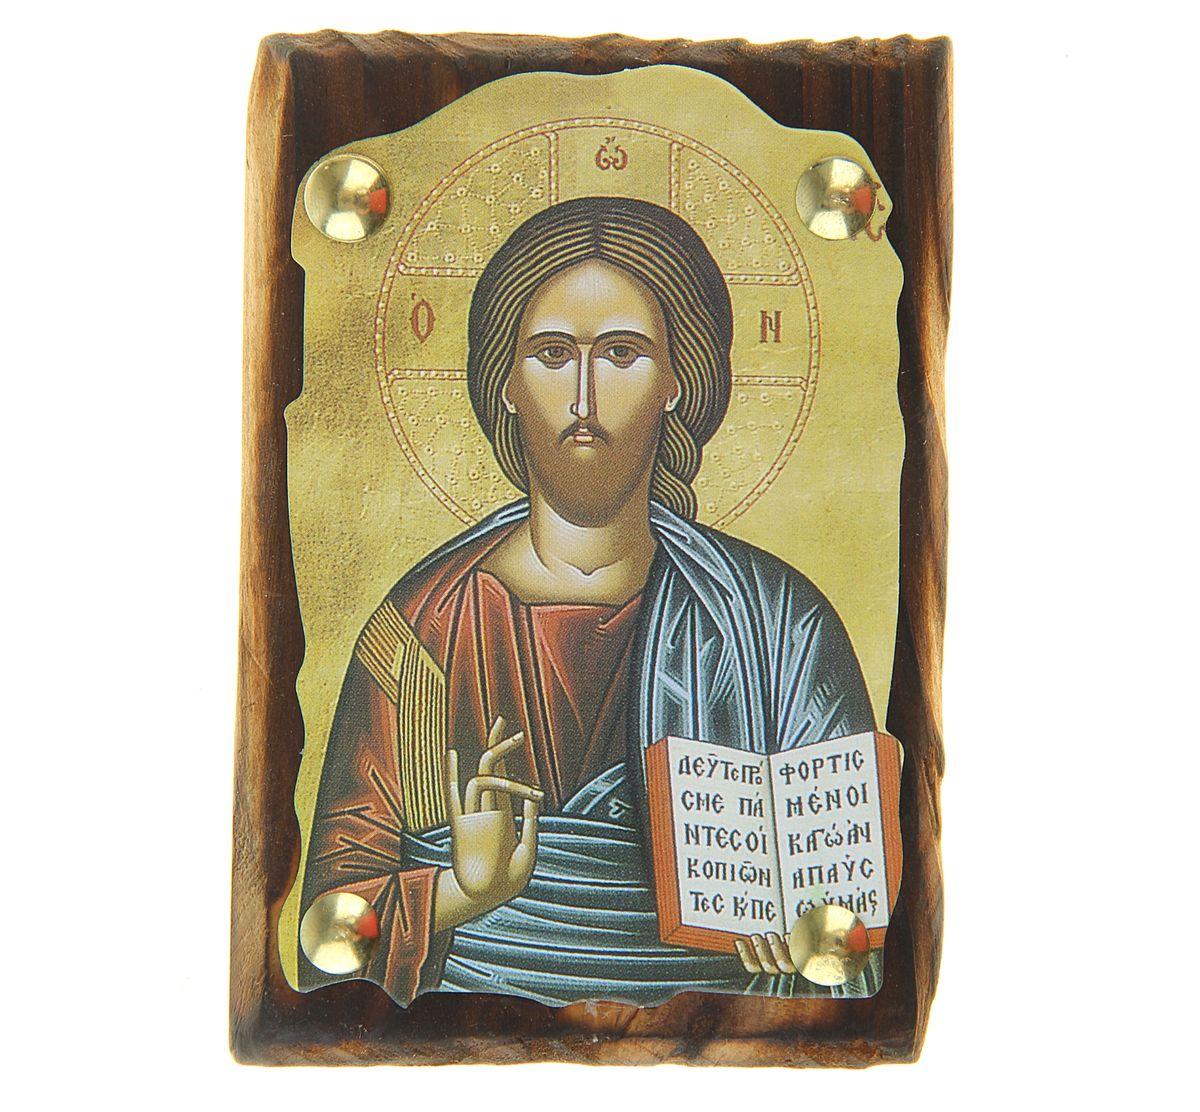 Икона Иисус Христос, 7,5 х 11 смFS-80423Икона Иисус Христос выполнена из картона, с нанесенным изображением, который крепиться на деревянную дощечку, обработанную огнем. На обратной стороне имеется отверстие, благодаря которому икону удобно вешать на стену. Изображенный образ полностью соответствует канонам Русской Православной Церкви. Такая икона будет прекрасным подарком с духовной составляющей.